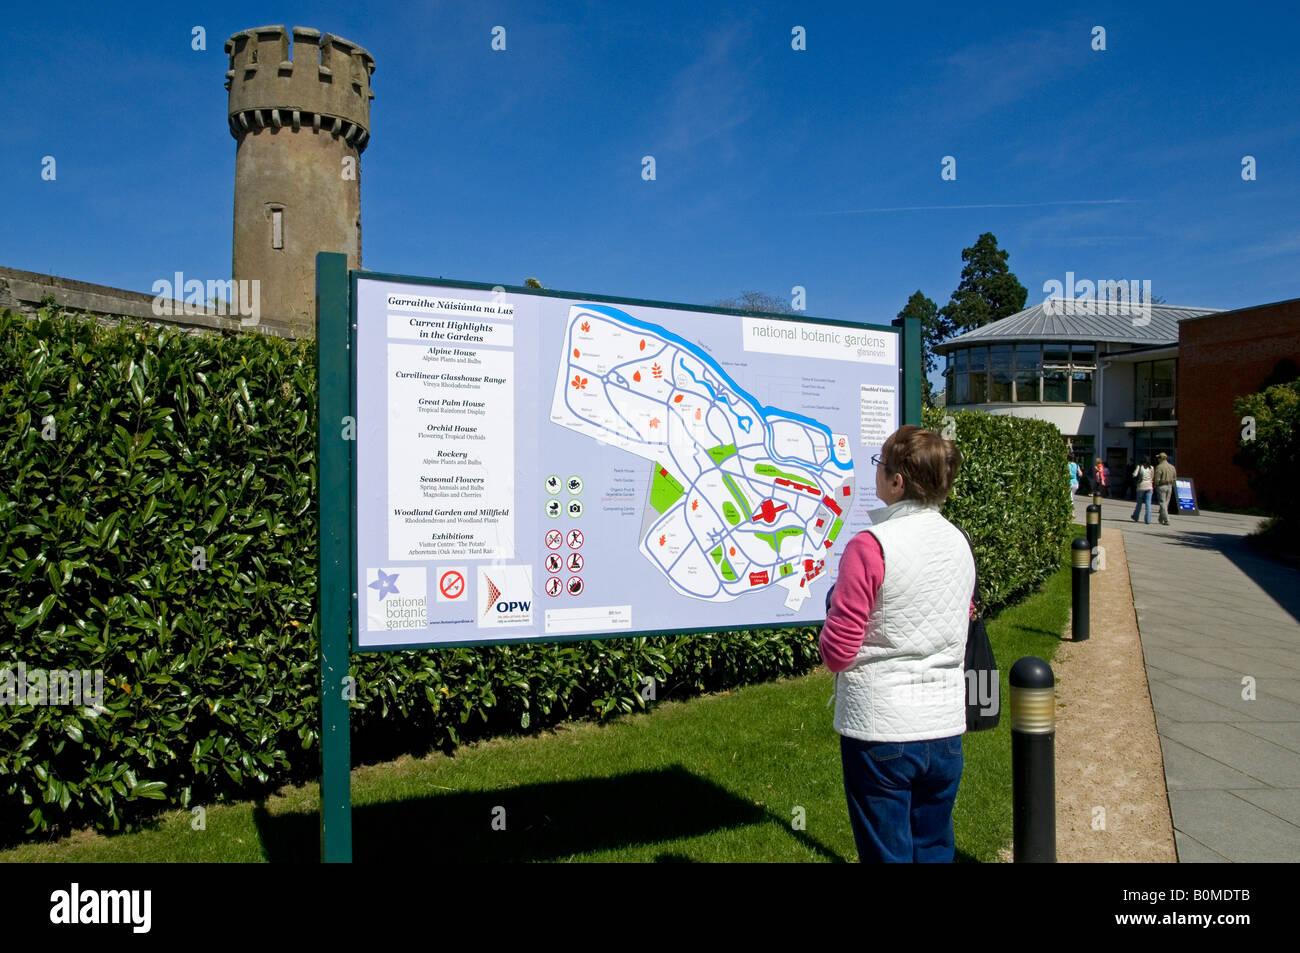 National botanic gardens dublin map garden ftempo for Garden state orthopedics fair lawn